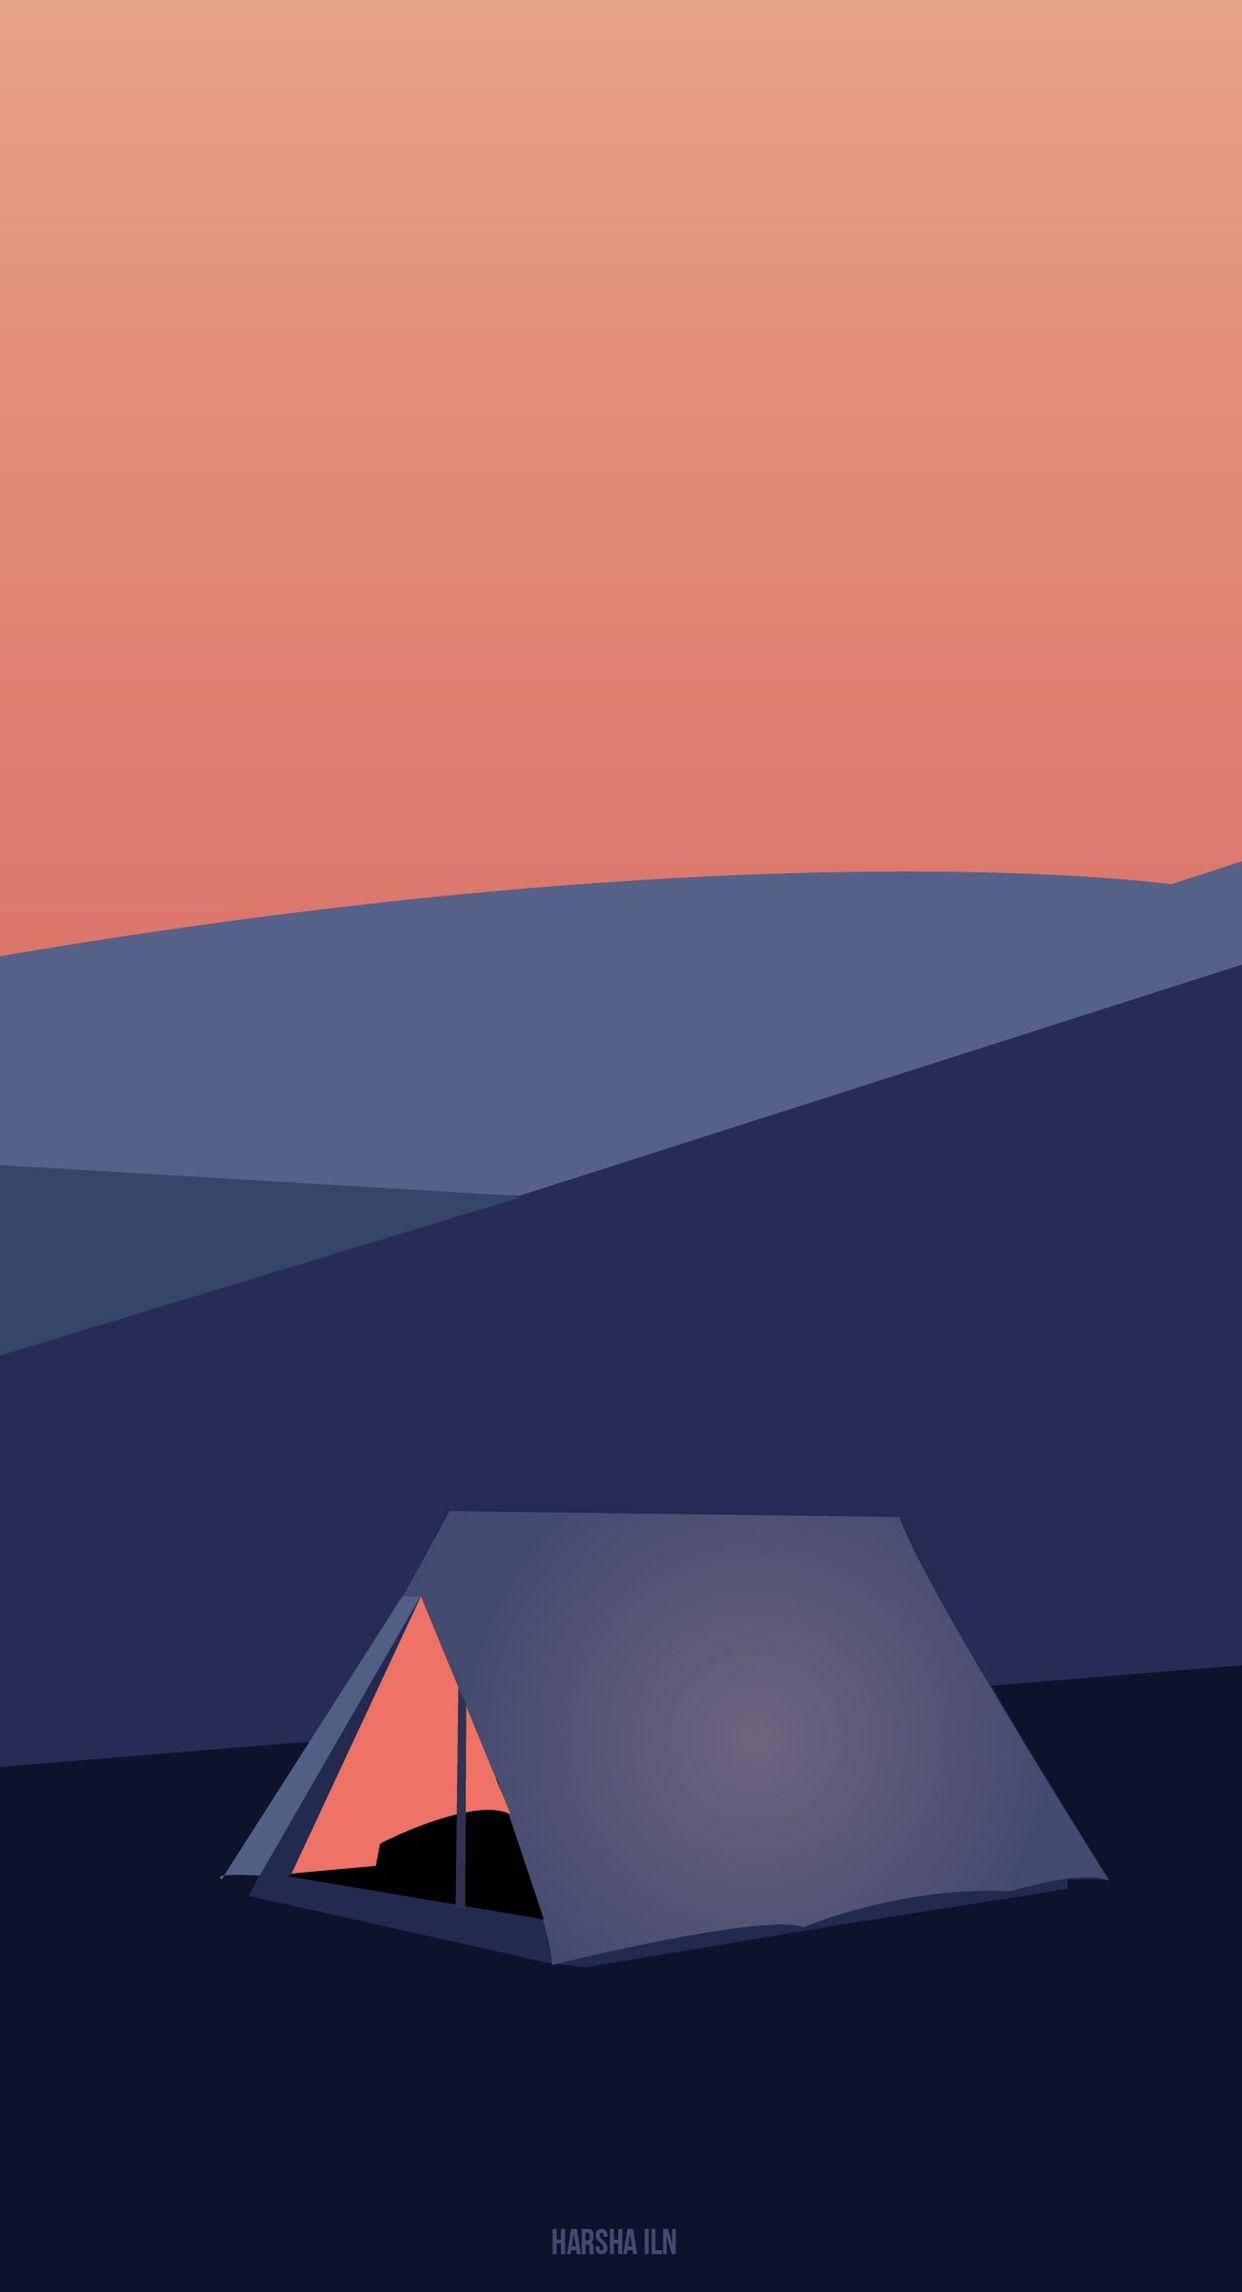 Camping art gambar desain